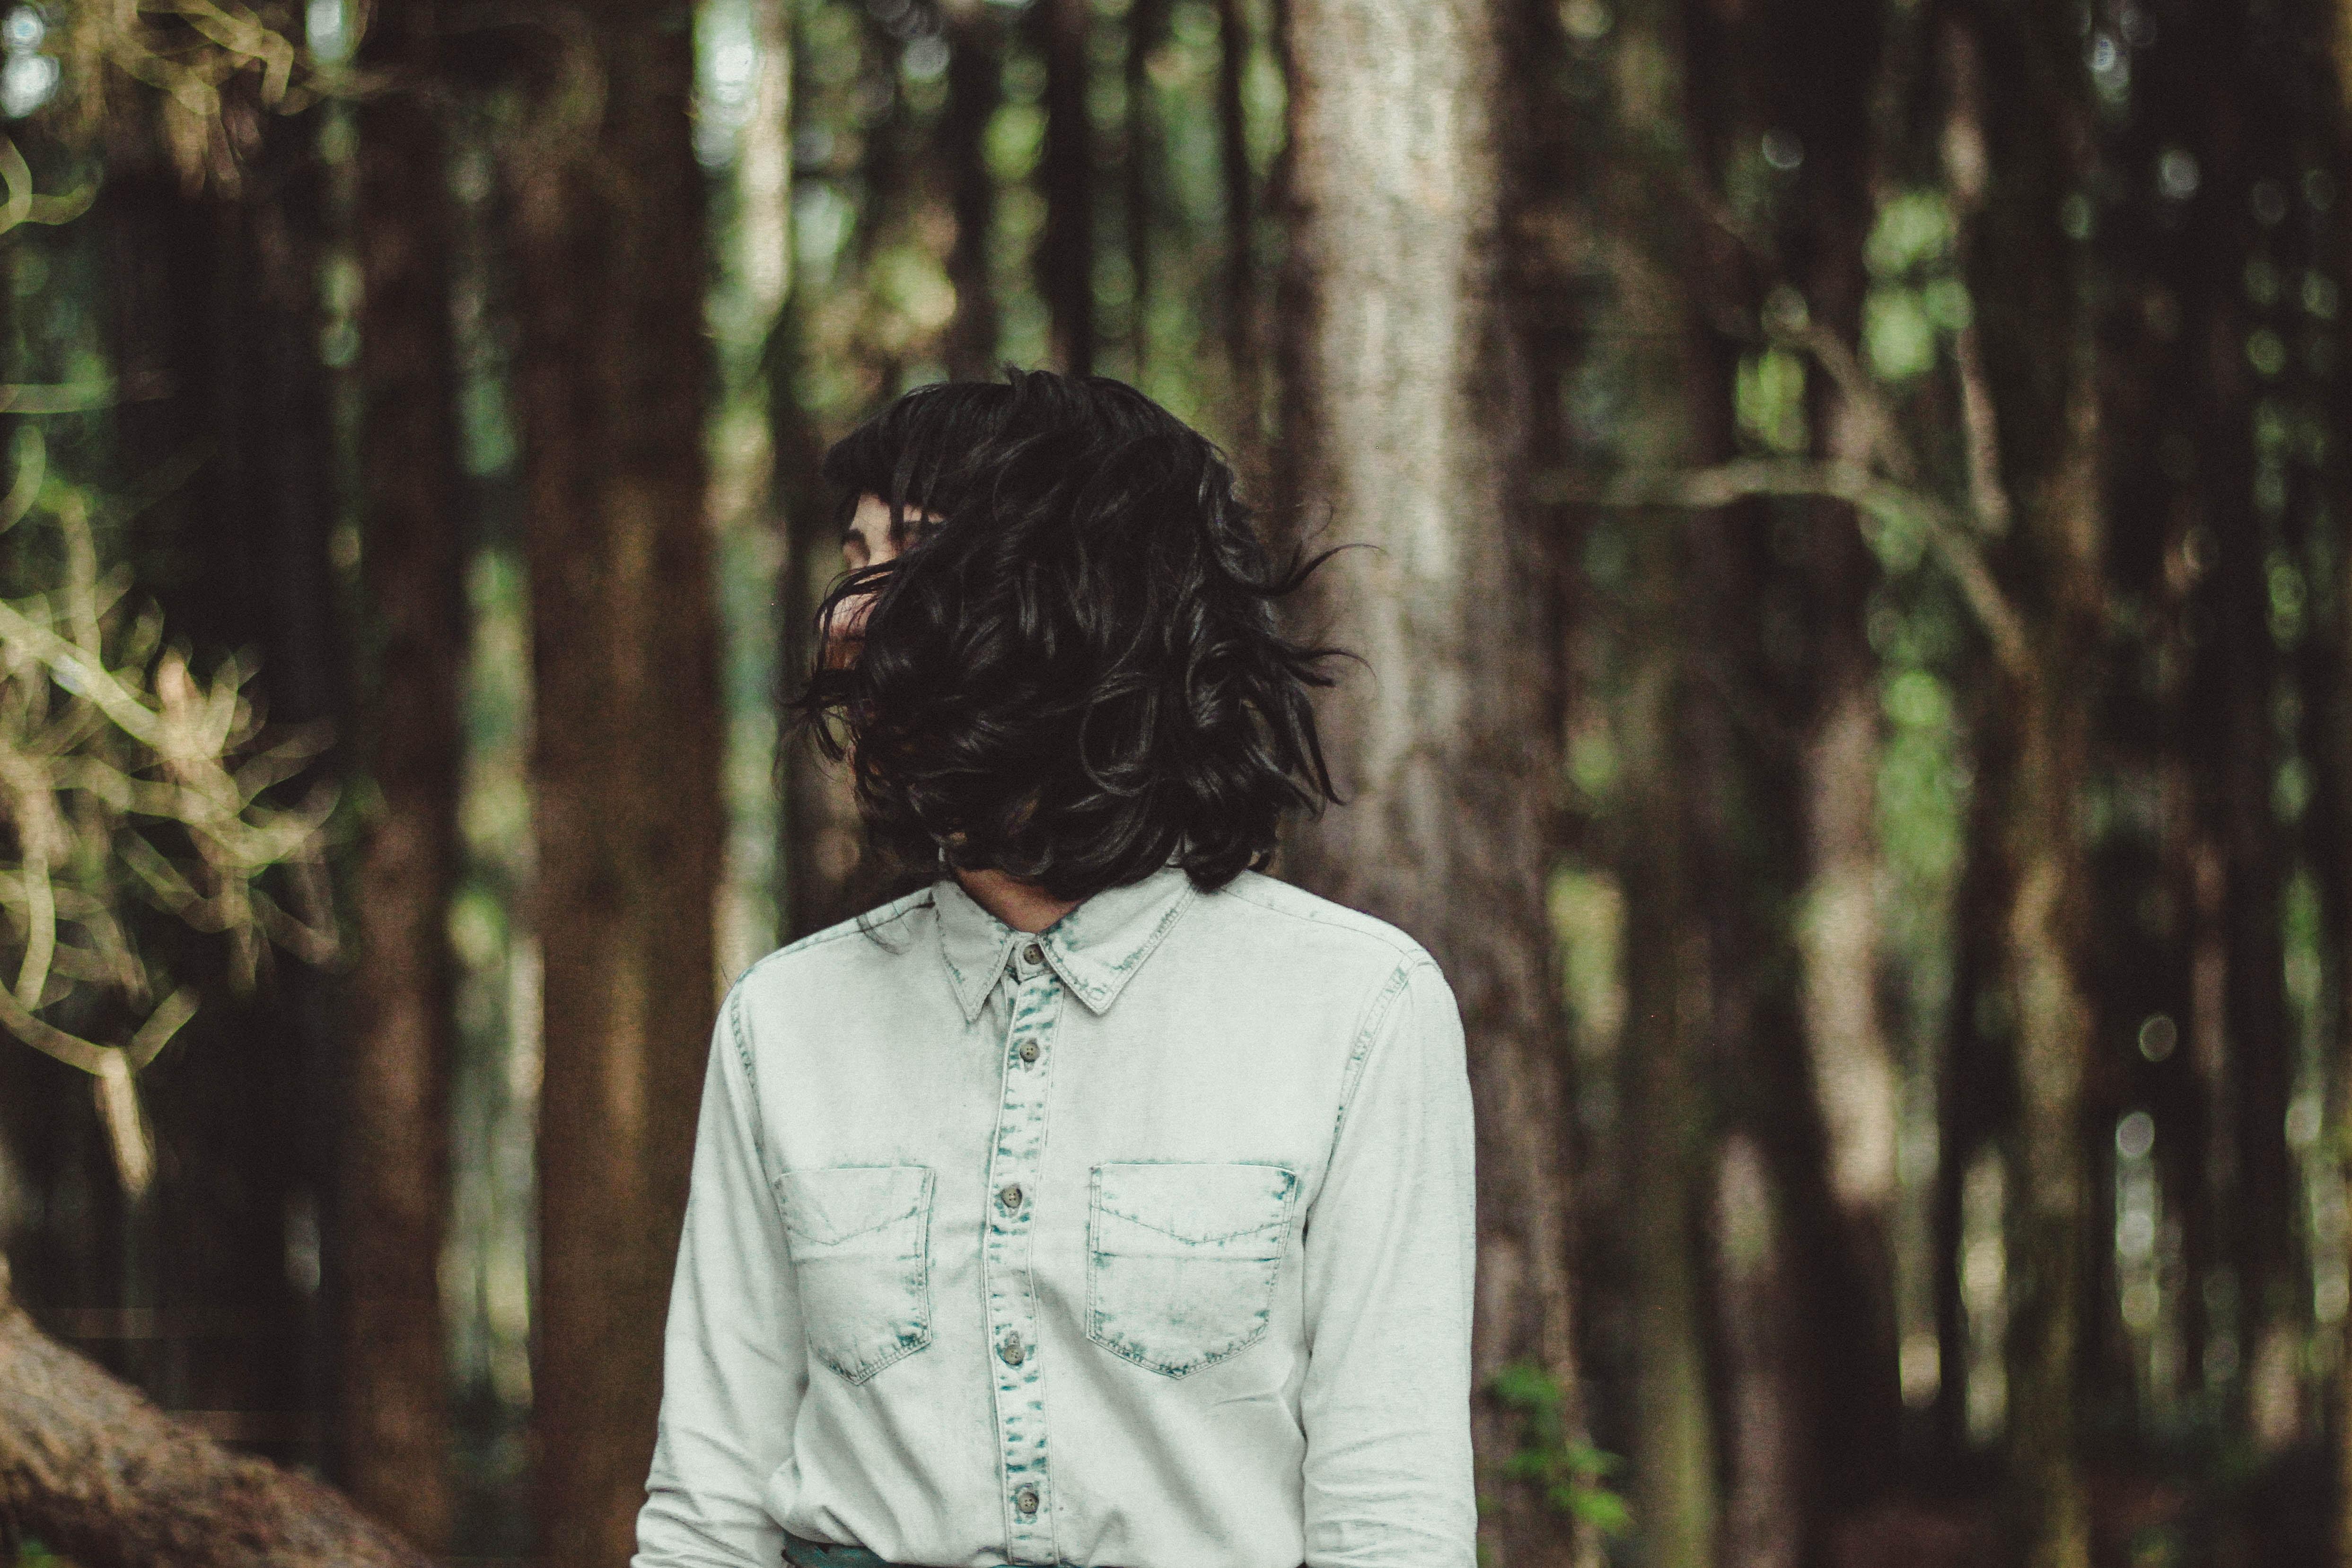 Meine Erythrophobie-Geschichte